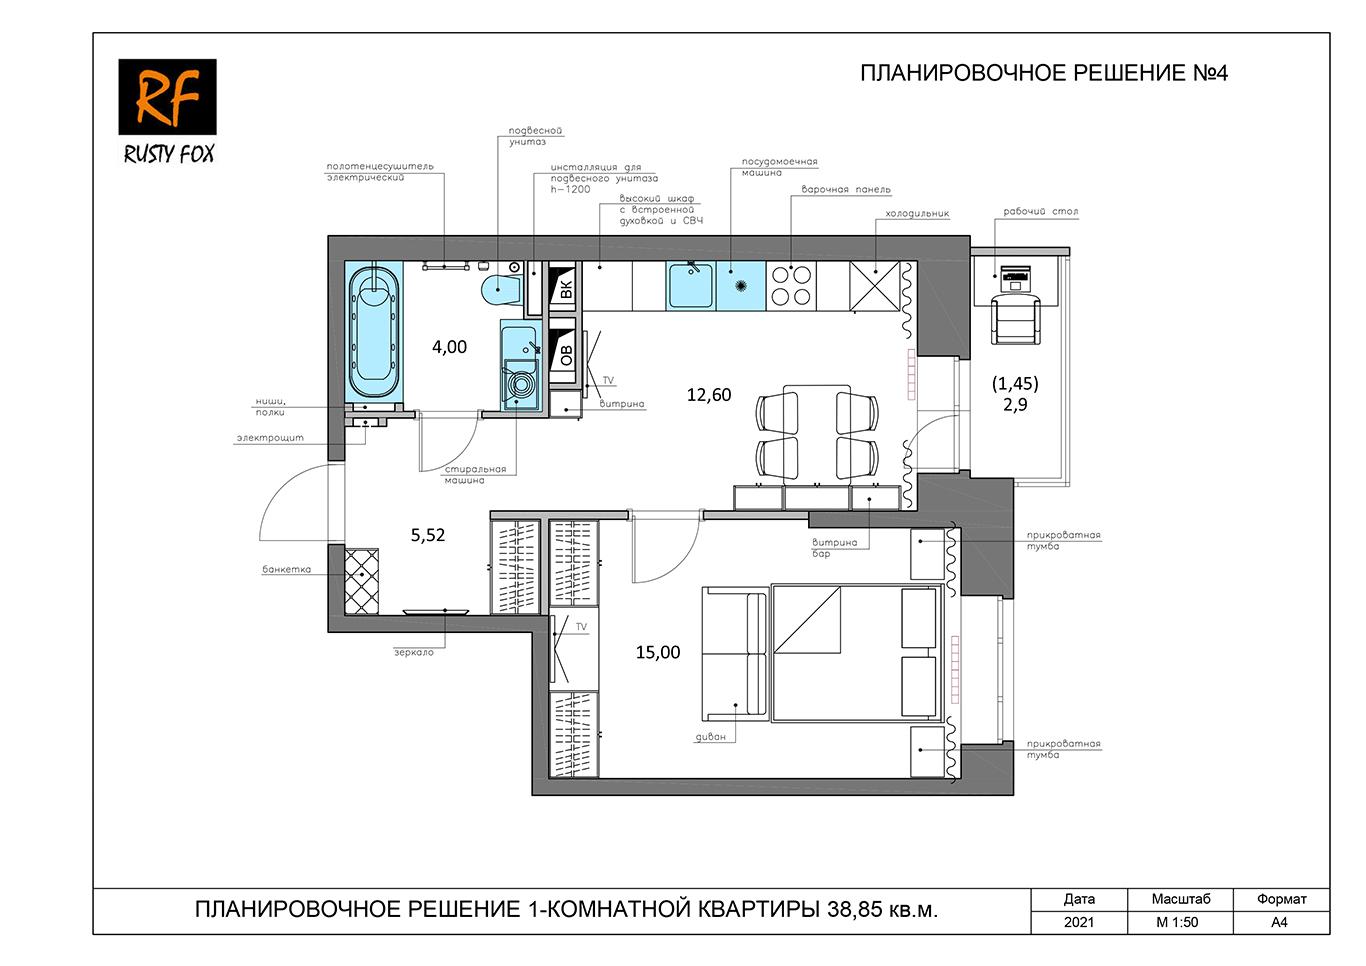 ЖК Люберцы корпус 54. 1-комнатная квартира правая 38,85 кв.м. Планировочное решение №4